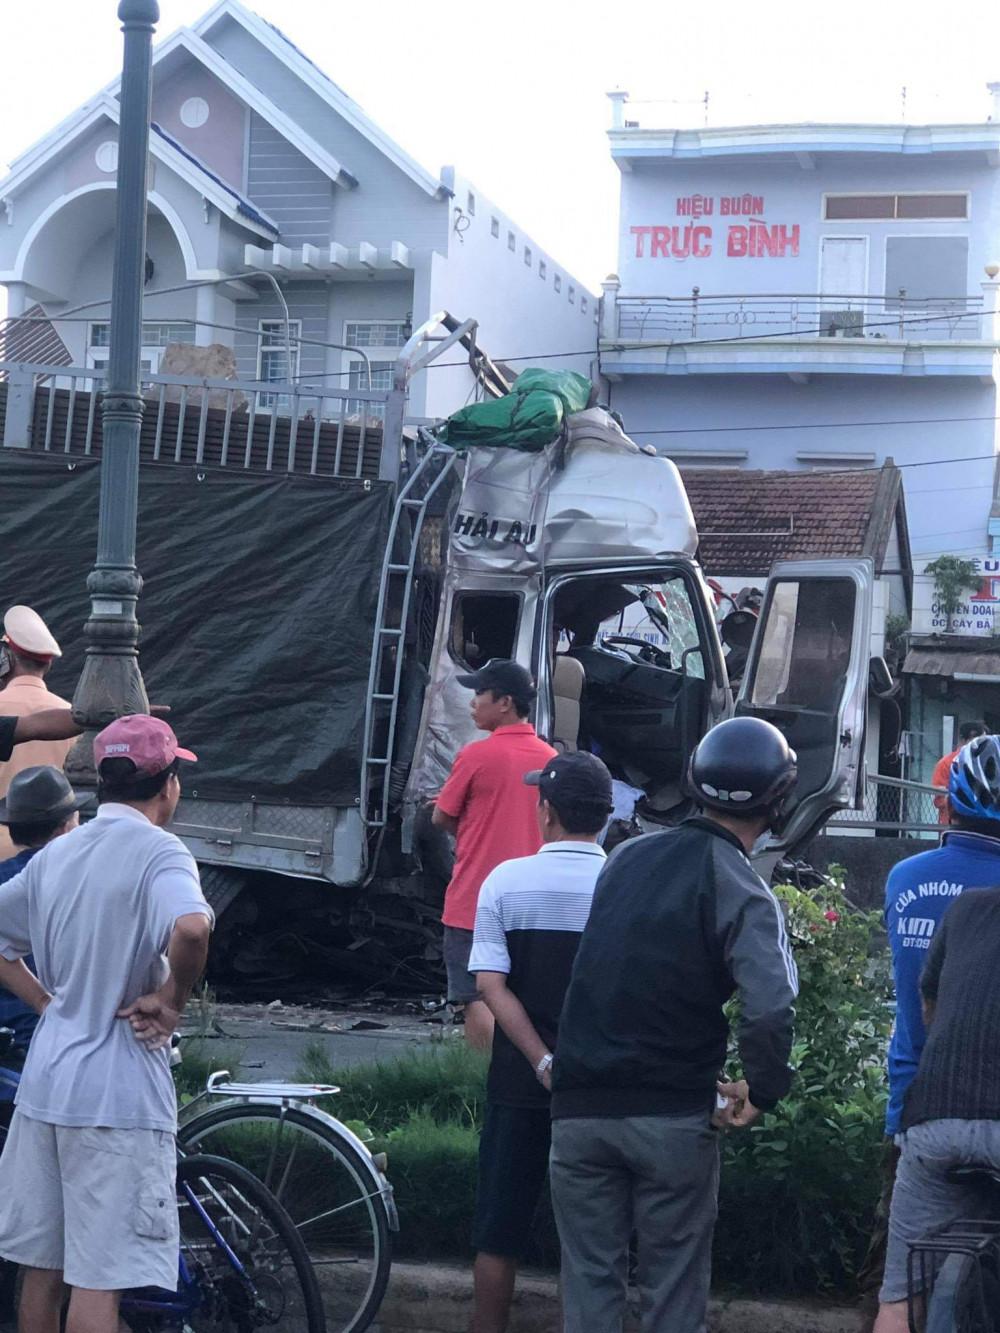 Xe tải gây tai nạn bị nát phần đầu, tài xế được cấp cứu trong tình trạng nguy kịch